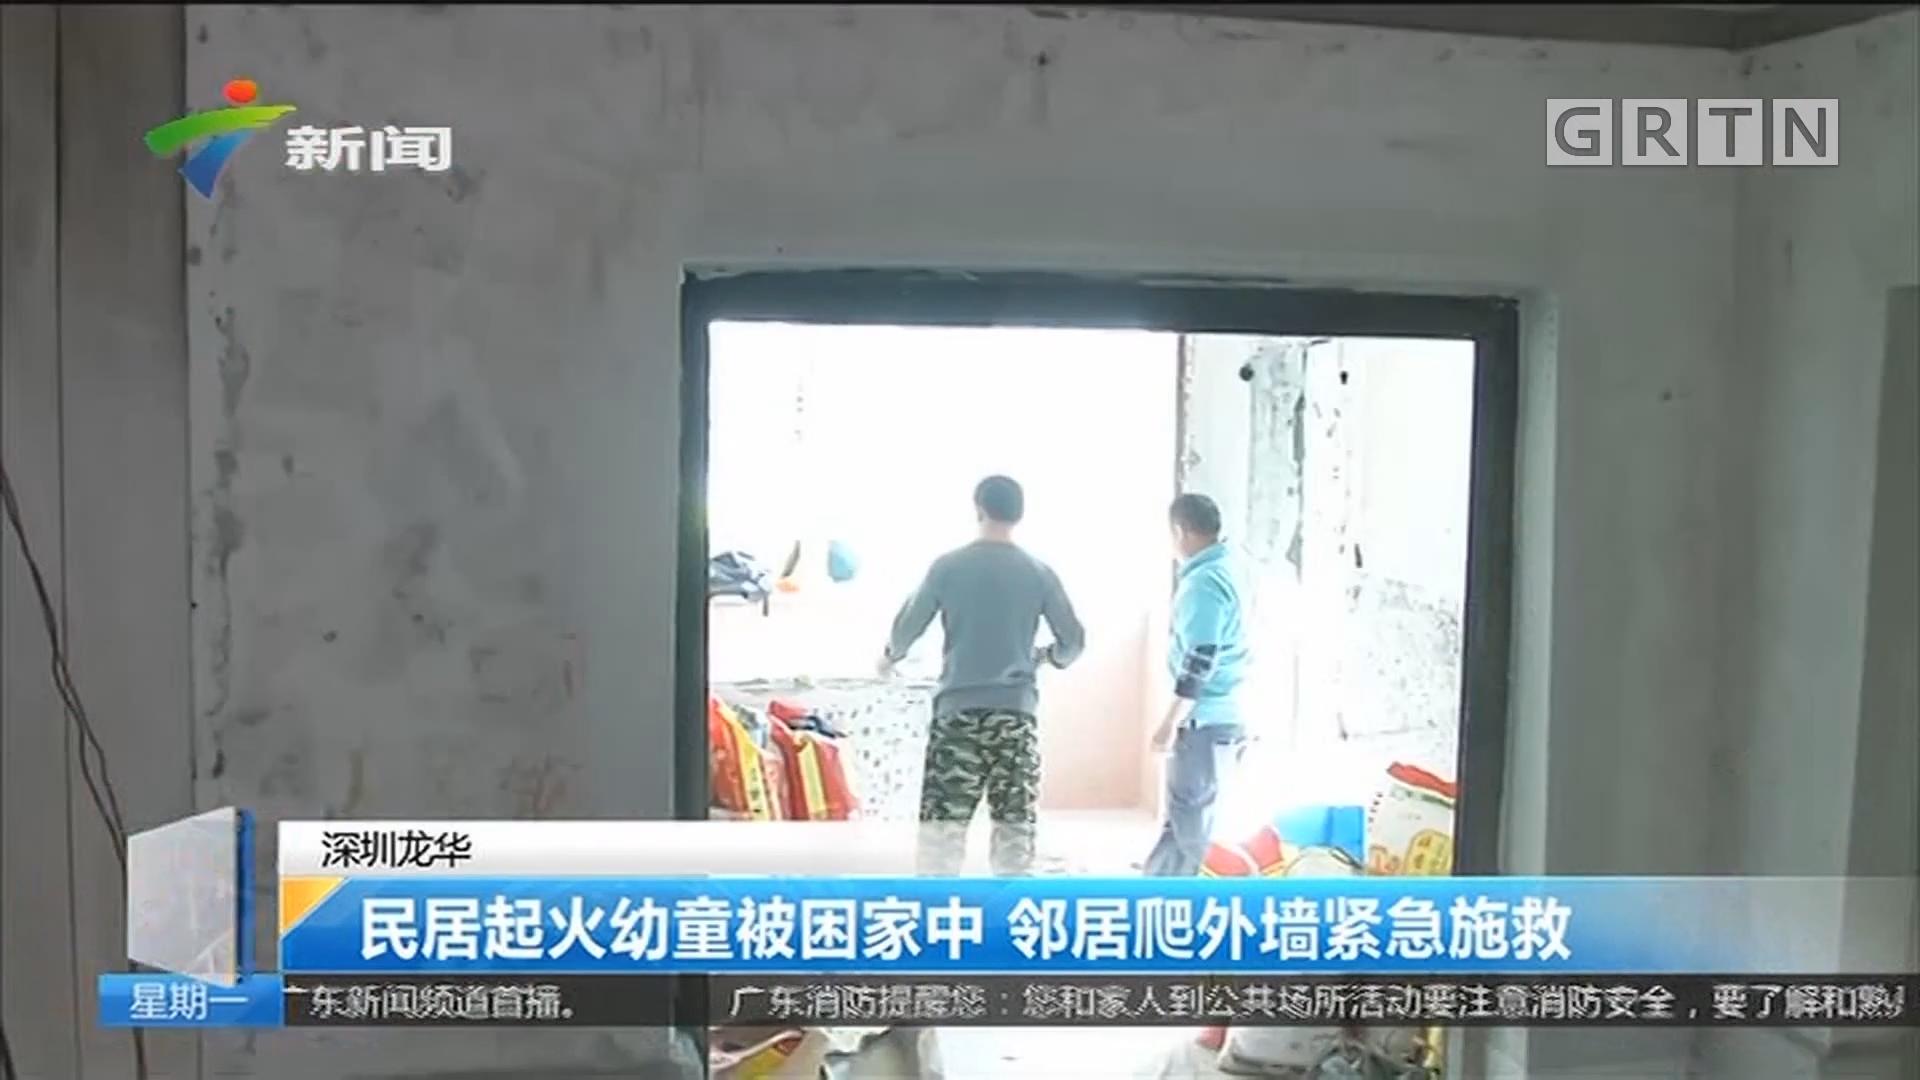 深圳龙华 民居起火幼童被困家中 邻居爬外墙紧急施救